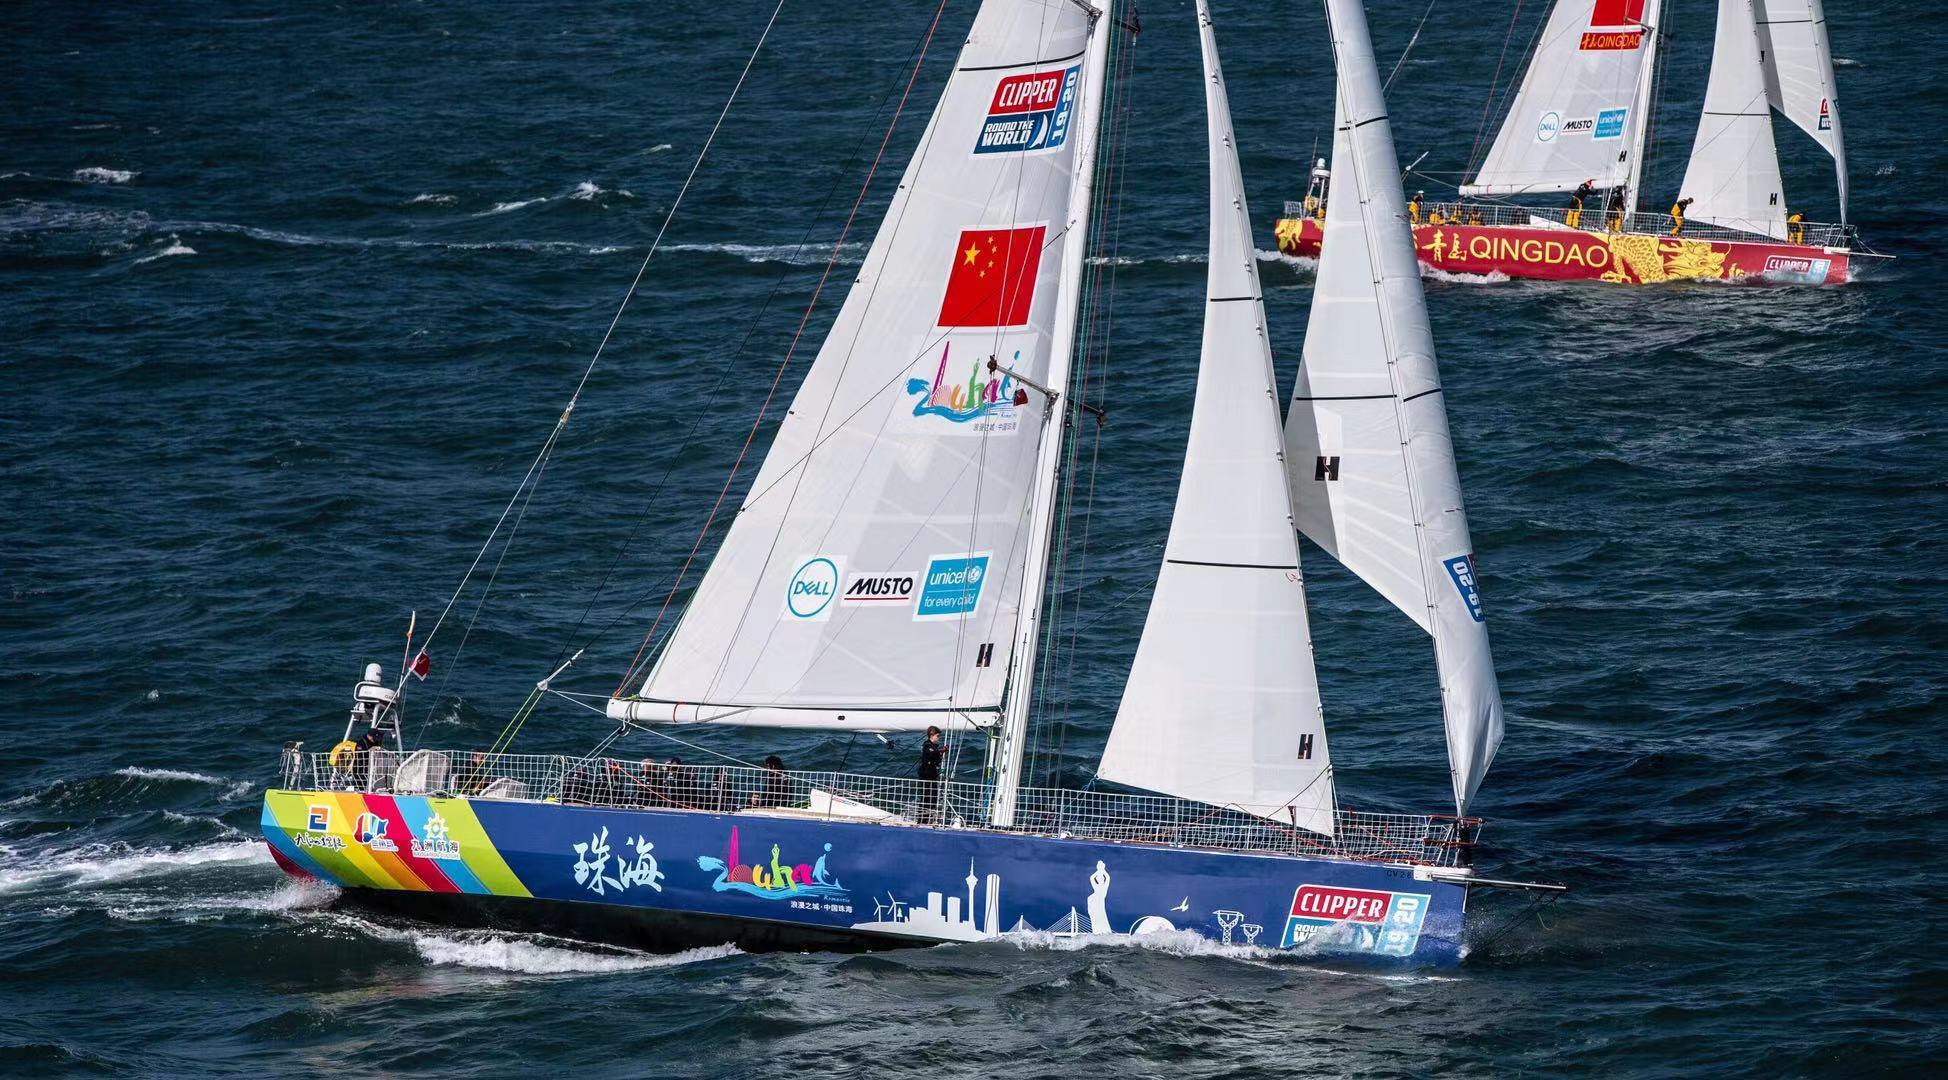 转载:克利伯环球帆船赛于9月1日举行起航仪式三艘中国船整装待发